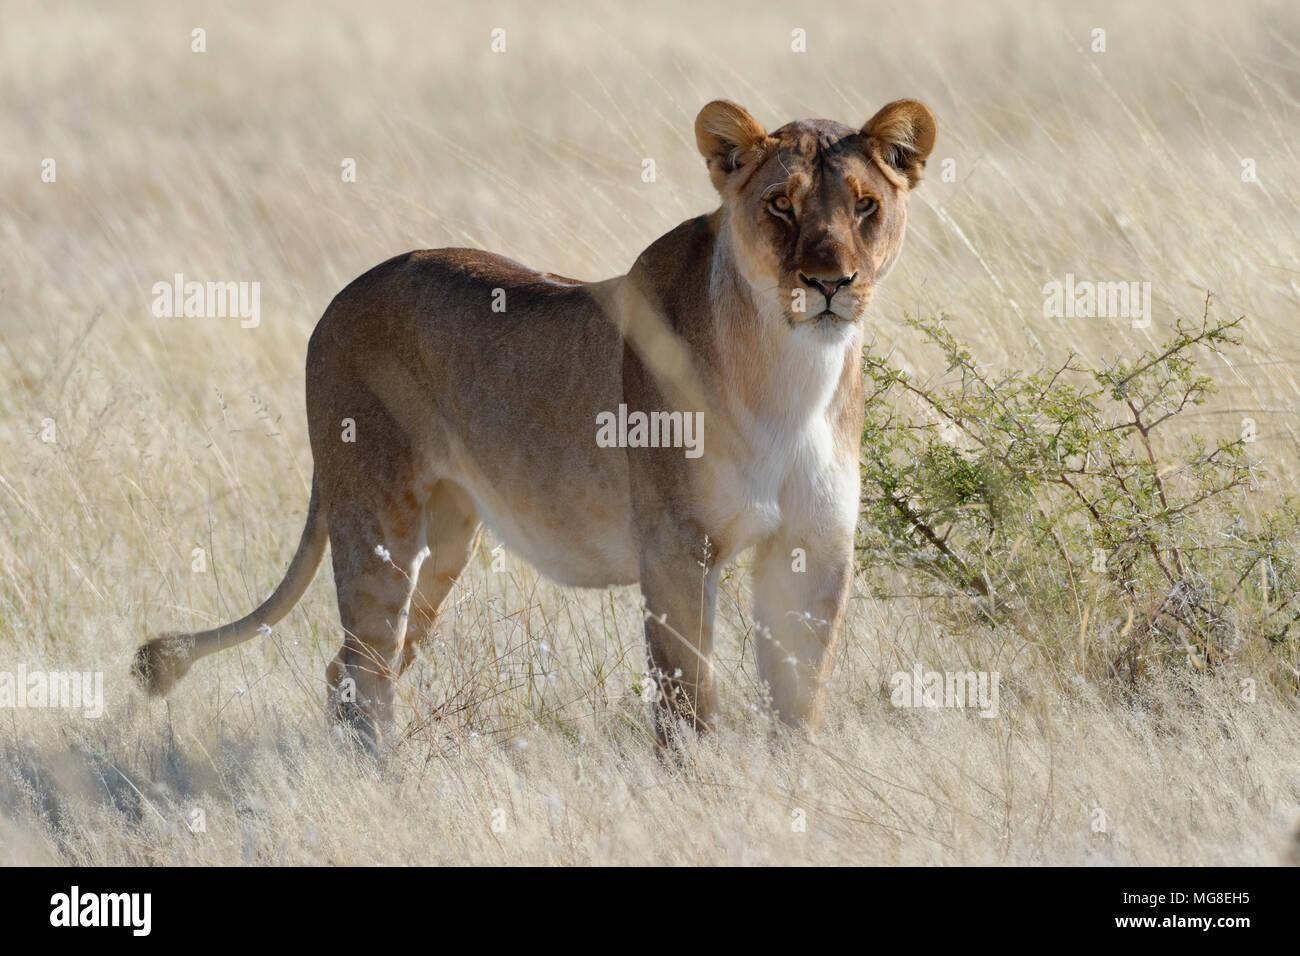 León (Panthera leo) de pie en el césped seco, alerta, el Parque Nacional de Etosha, Namibia Imagen De Stock